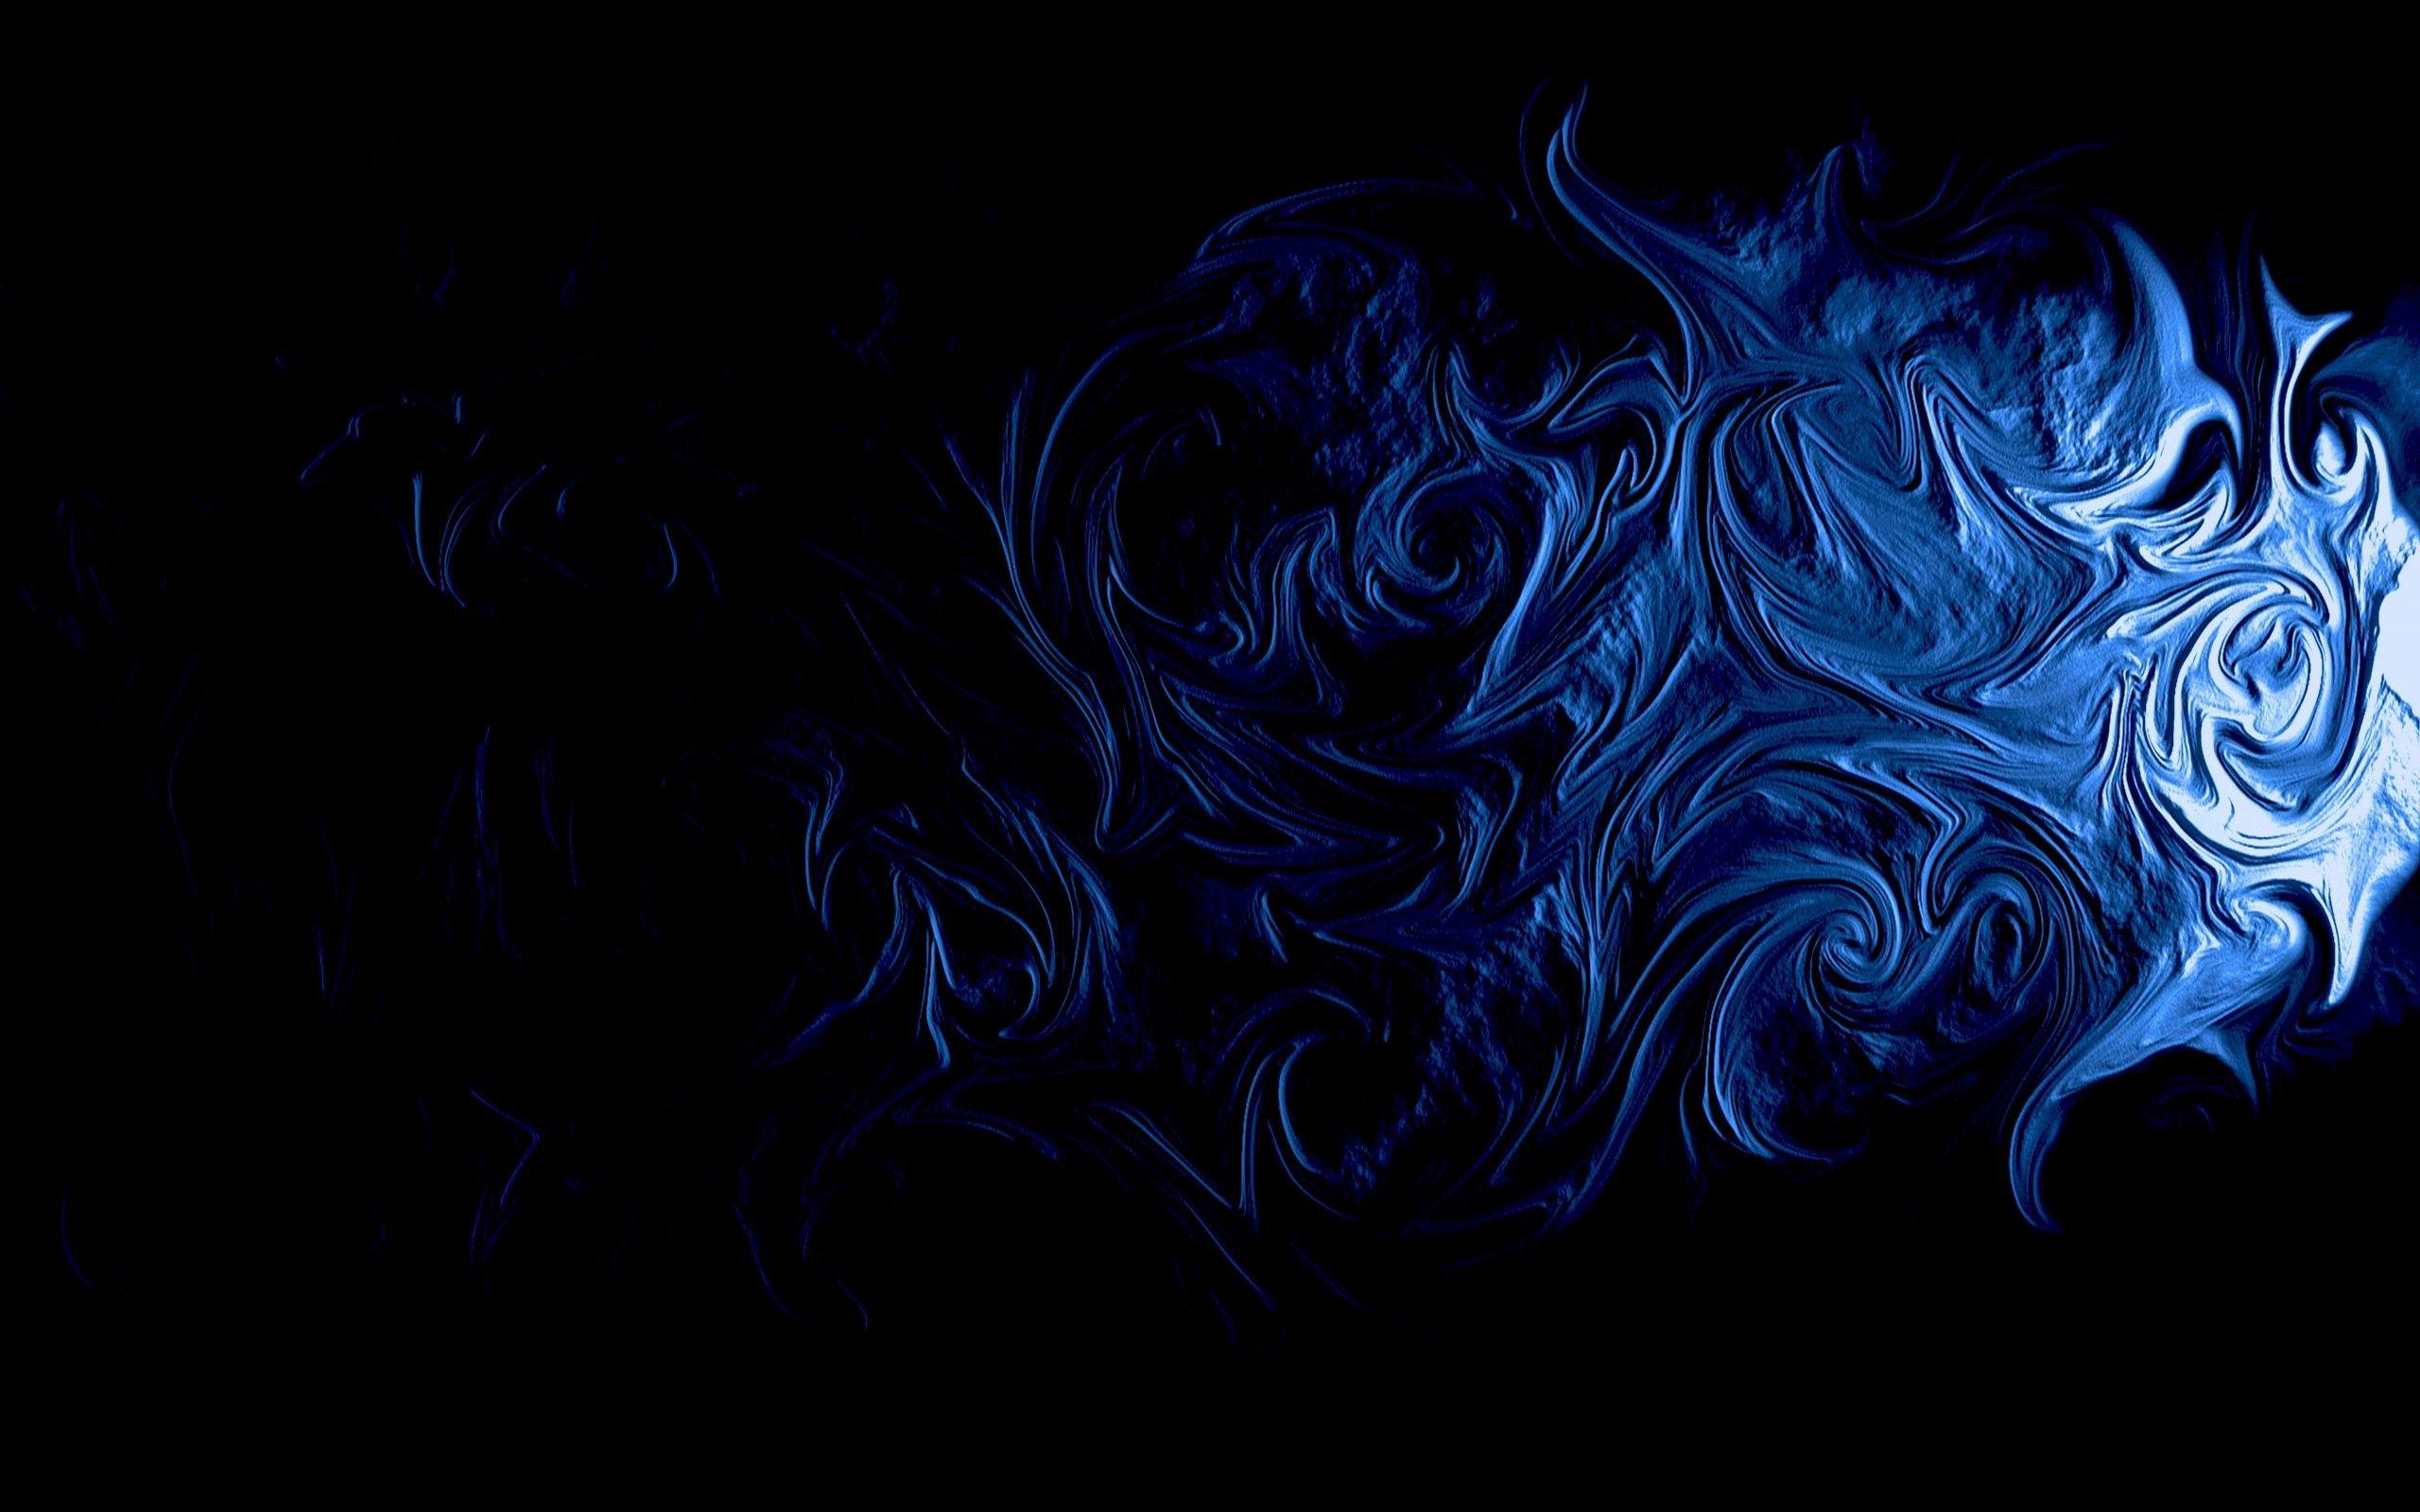 132345 Hintergrundbild herunterladen Abstrakt, Hintergrund, Patterns, Schatten - Bildschirmschoner und Bilder kostenlos